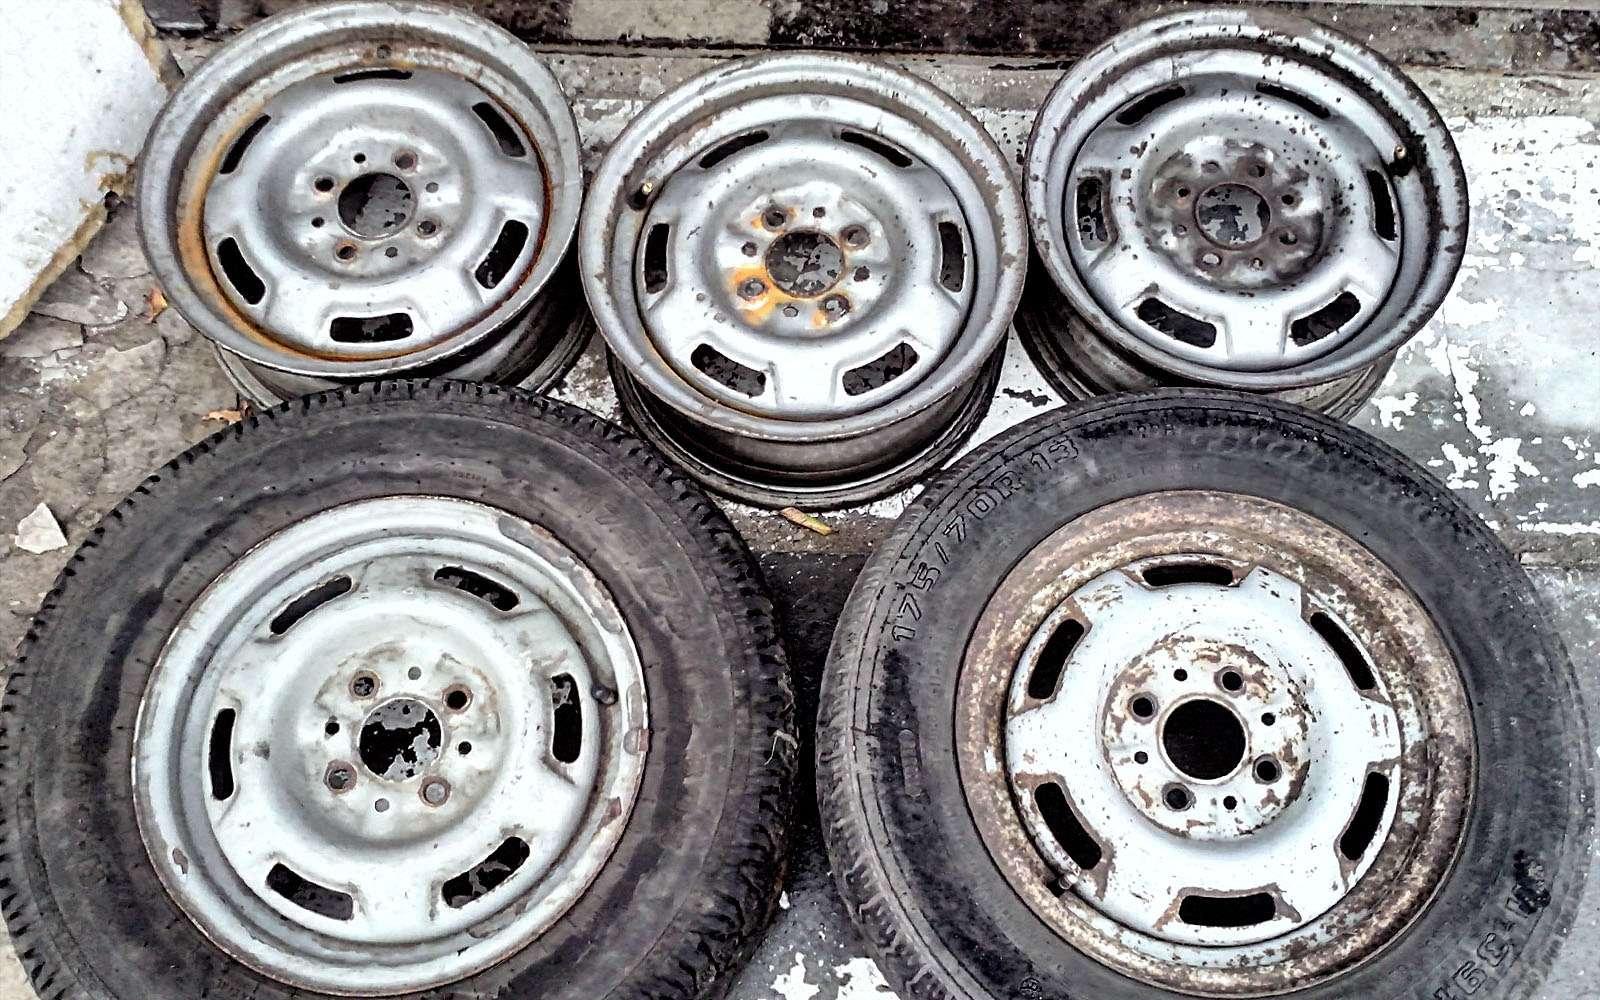 Литые диски: стоит липереплачивать?— фото 598907